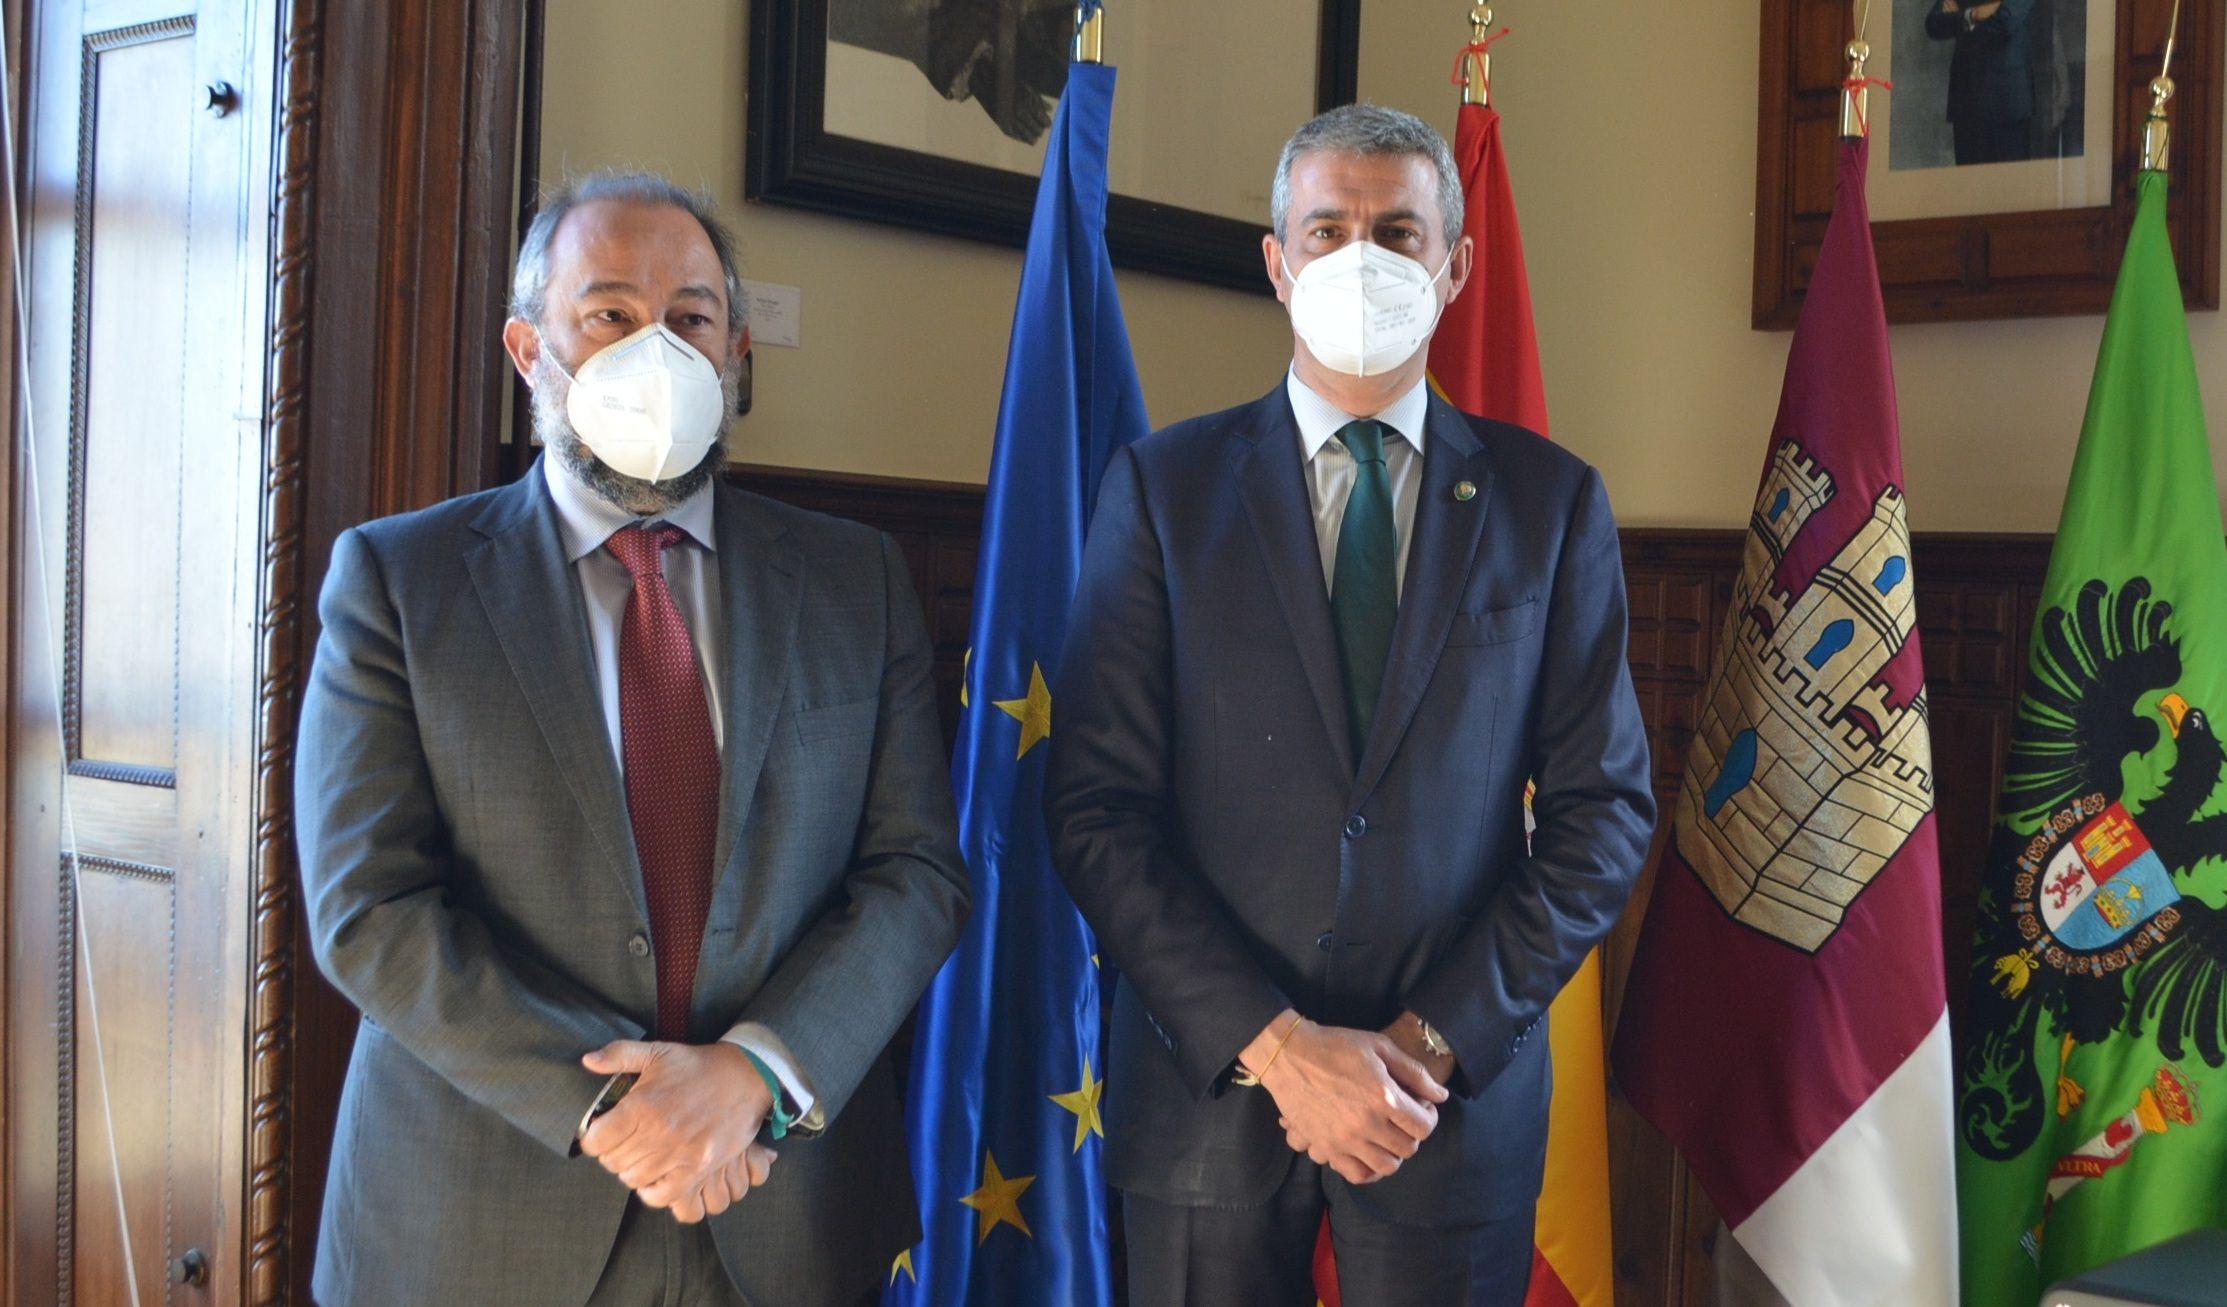 La Diputación de Toledo se adhiere al proyecto 'Erasmus rural' de la Universidad de Castilla-La Mancha